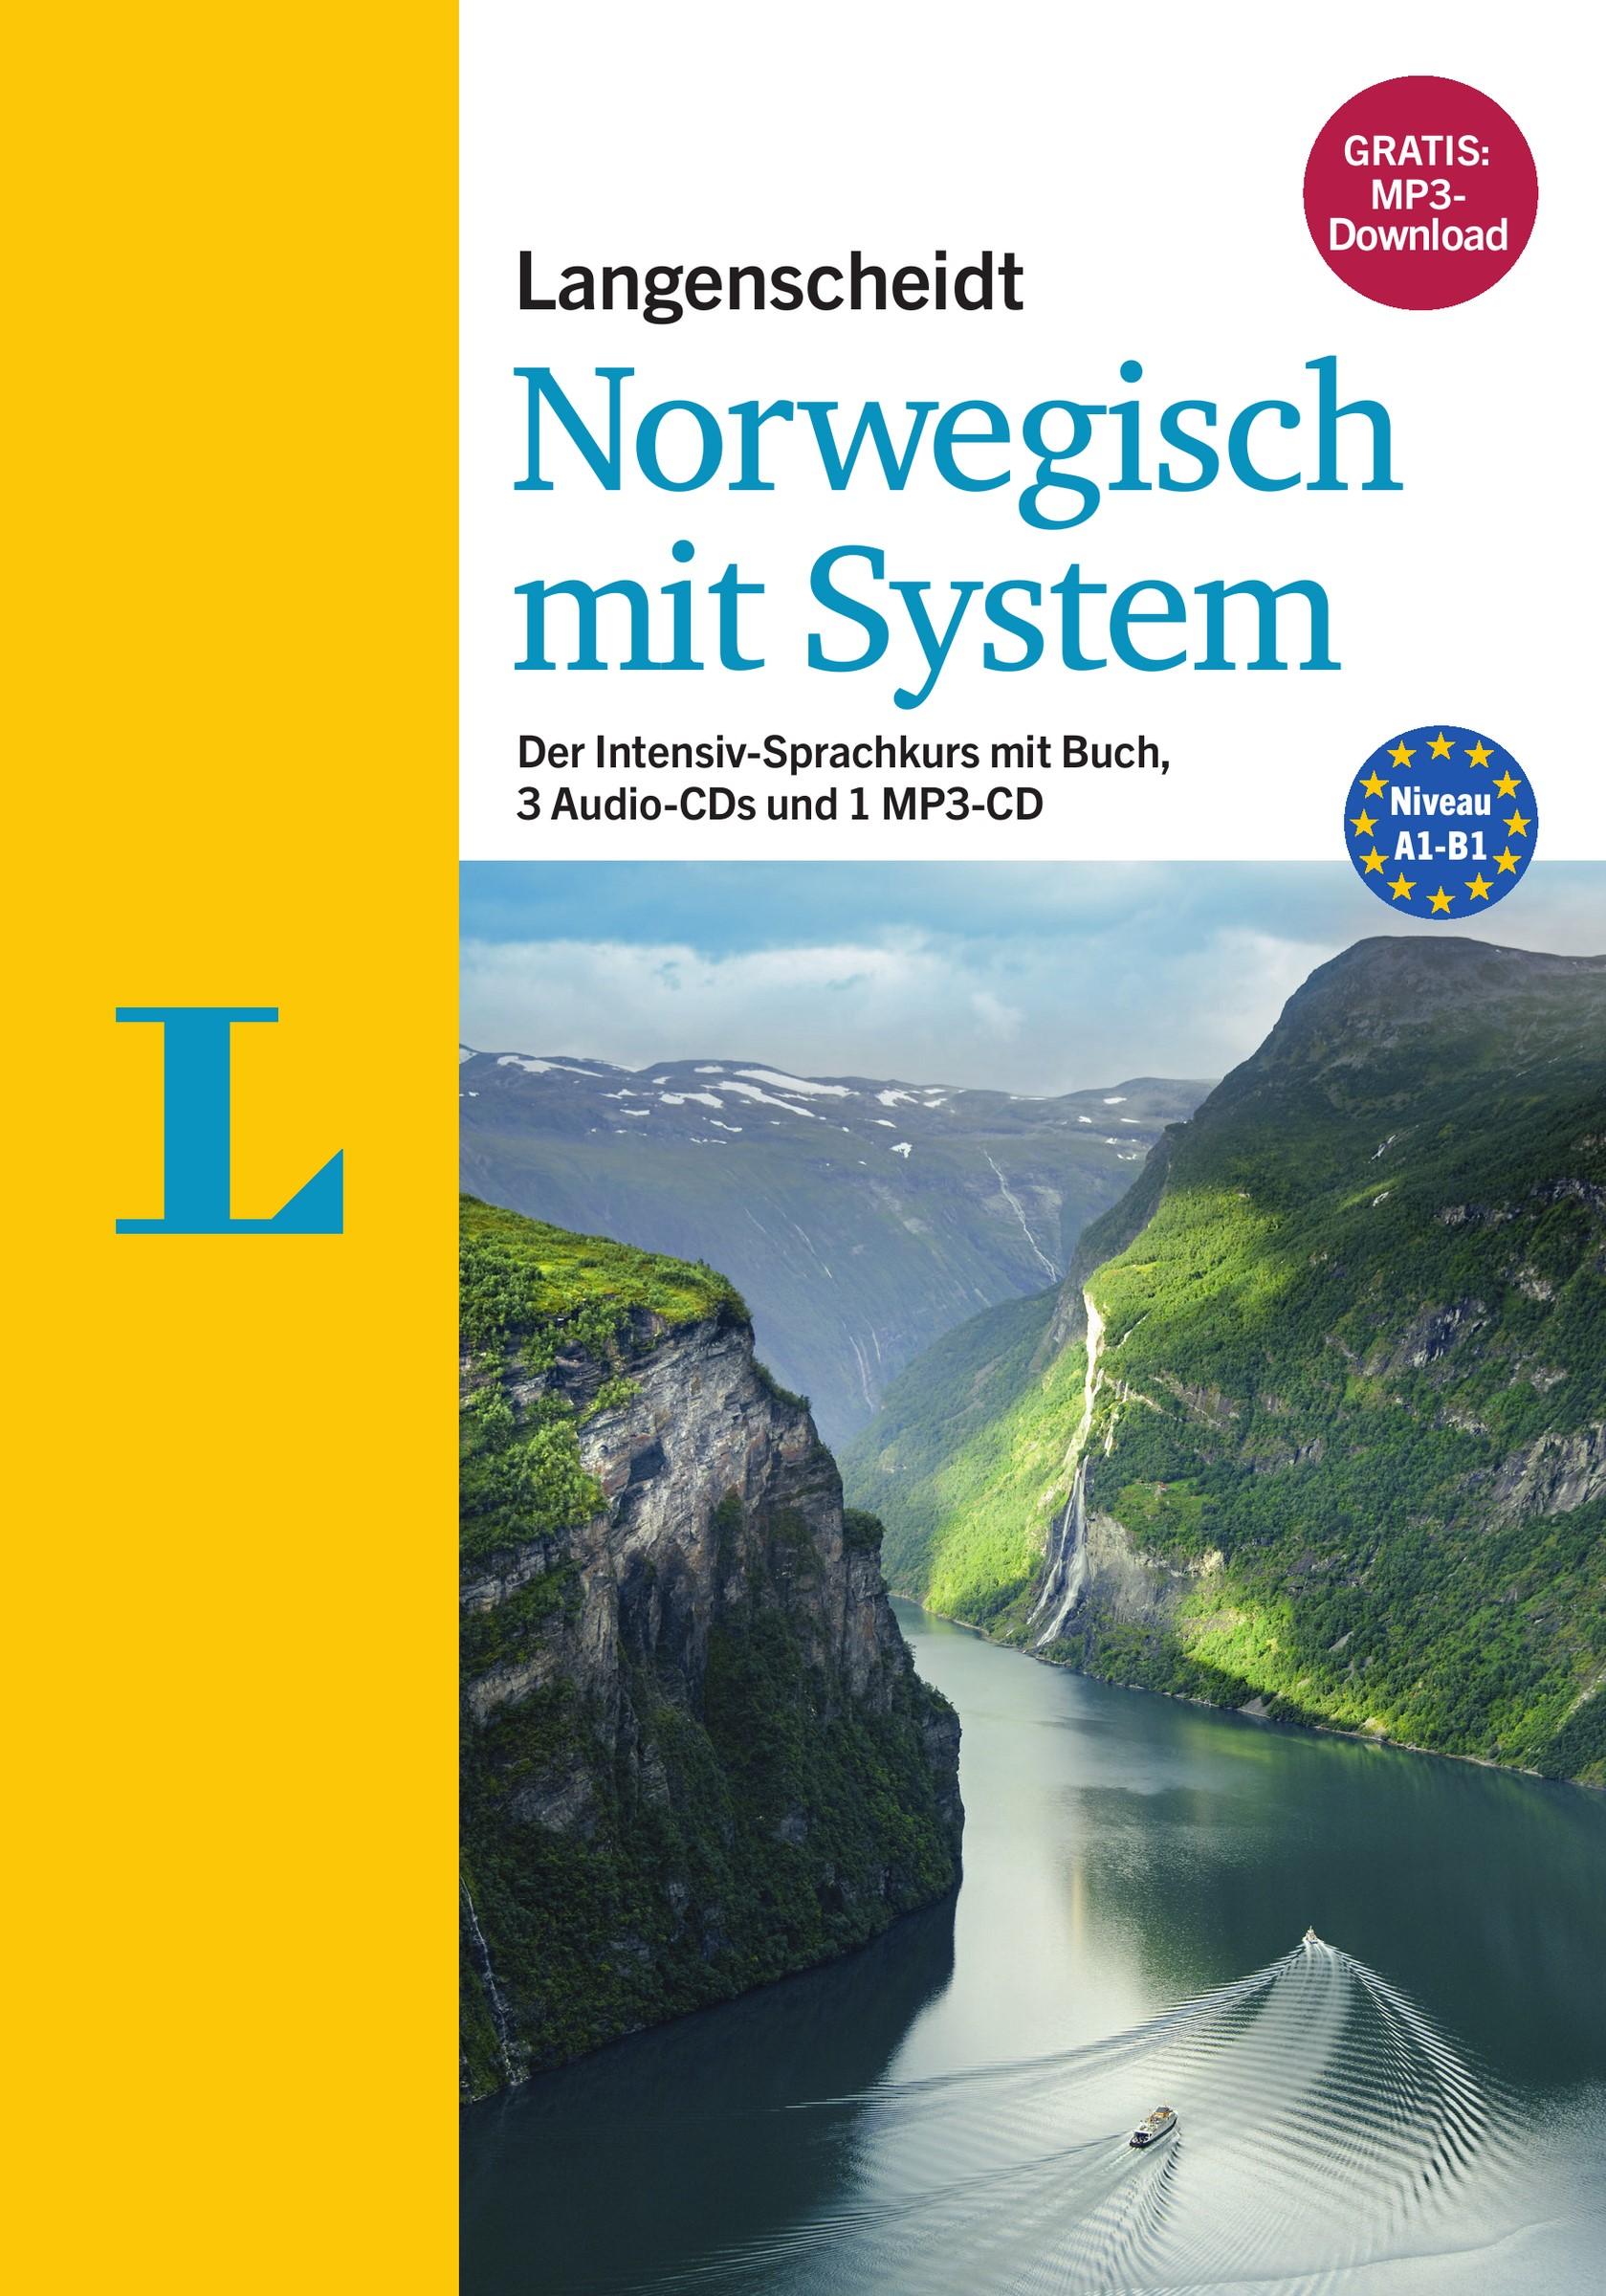 Abbildung von Aas / Langenscheidt | Langenscheidt Norwegisch mit System - Sprachkurs für Anfänger und Fortgeschrittene | 2016